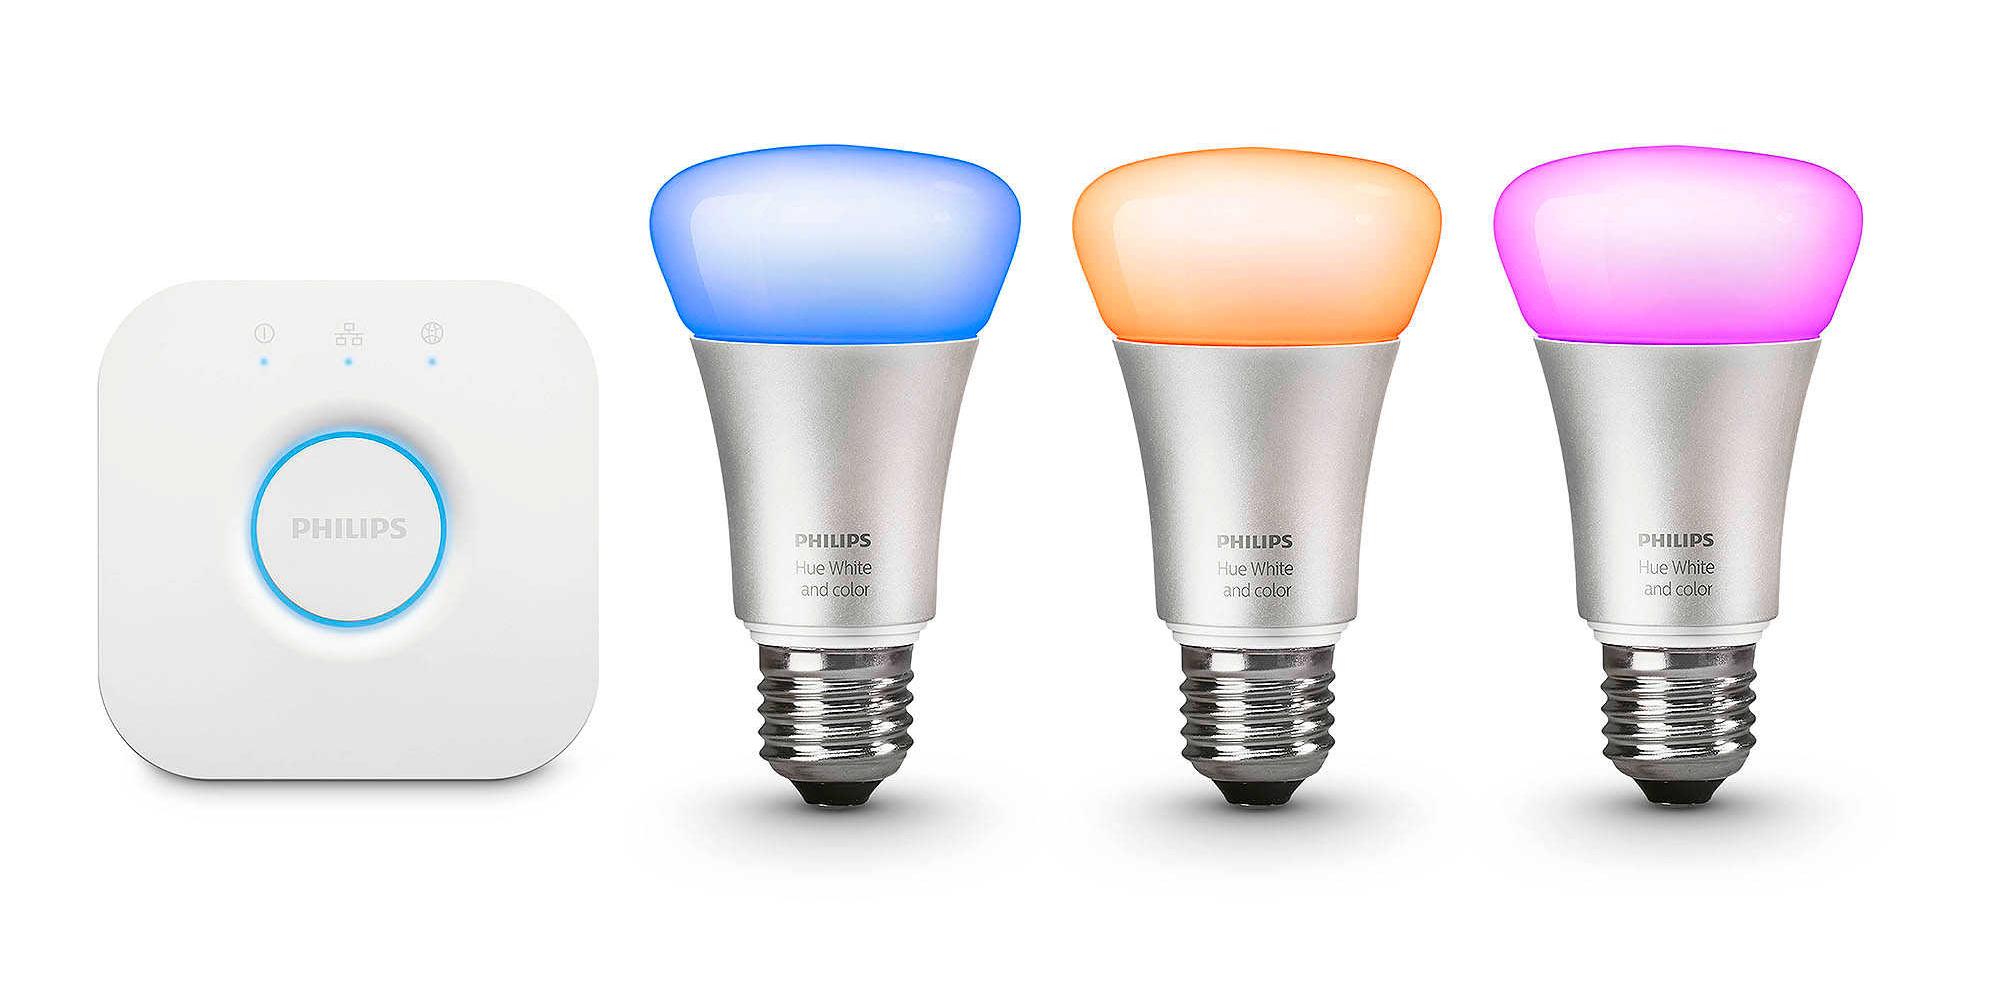 Philips Hue White Amp Color 2nd Gen Lighting Kit W Homekit